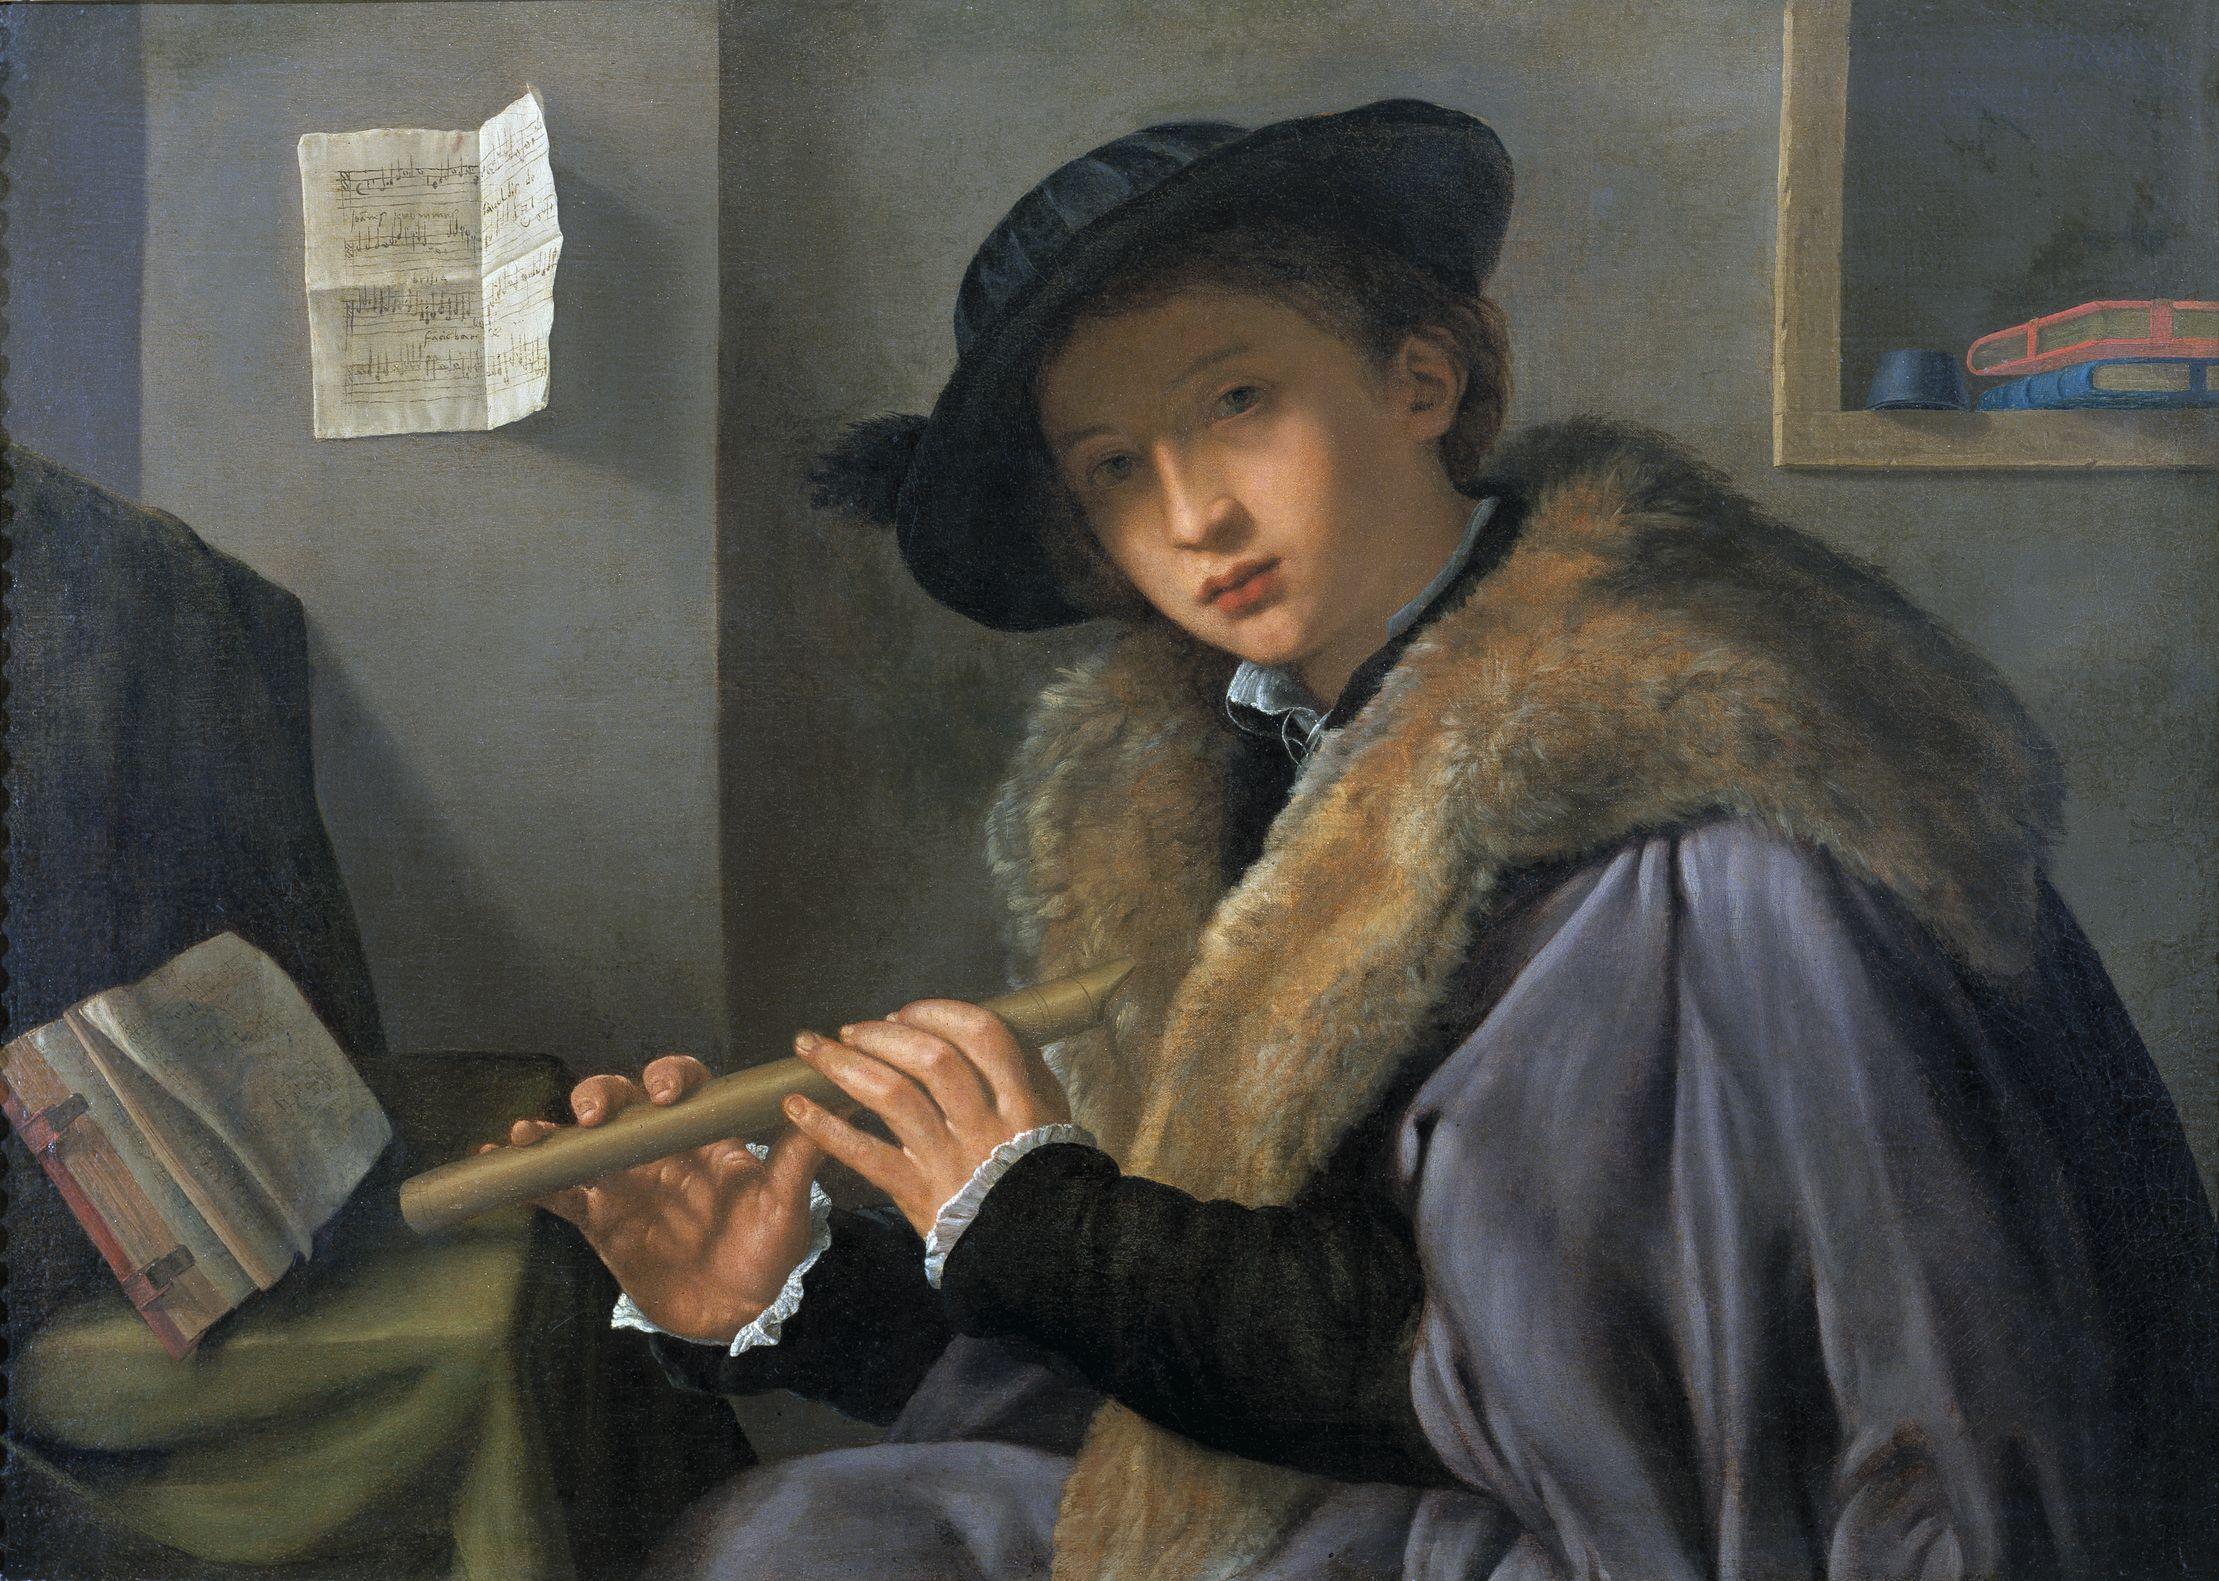 Giovanni Gerolamo Savoldo, Portret mężczyzny grającego naflecie, ok. 1525, 74,5 x 100,5 cm, olej napłótnie.